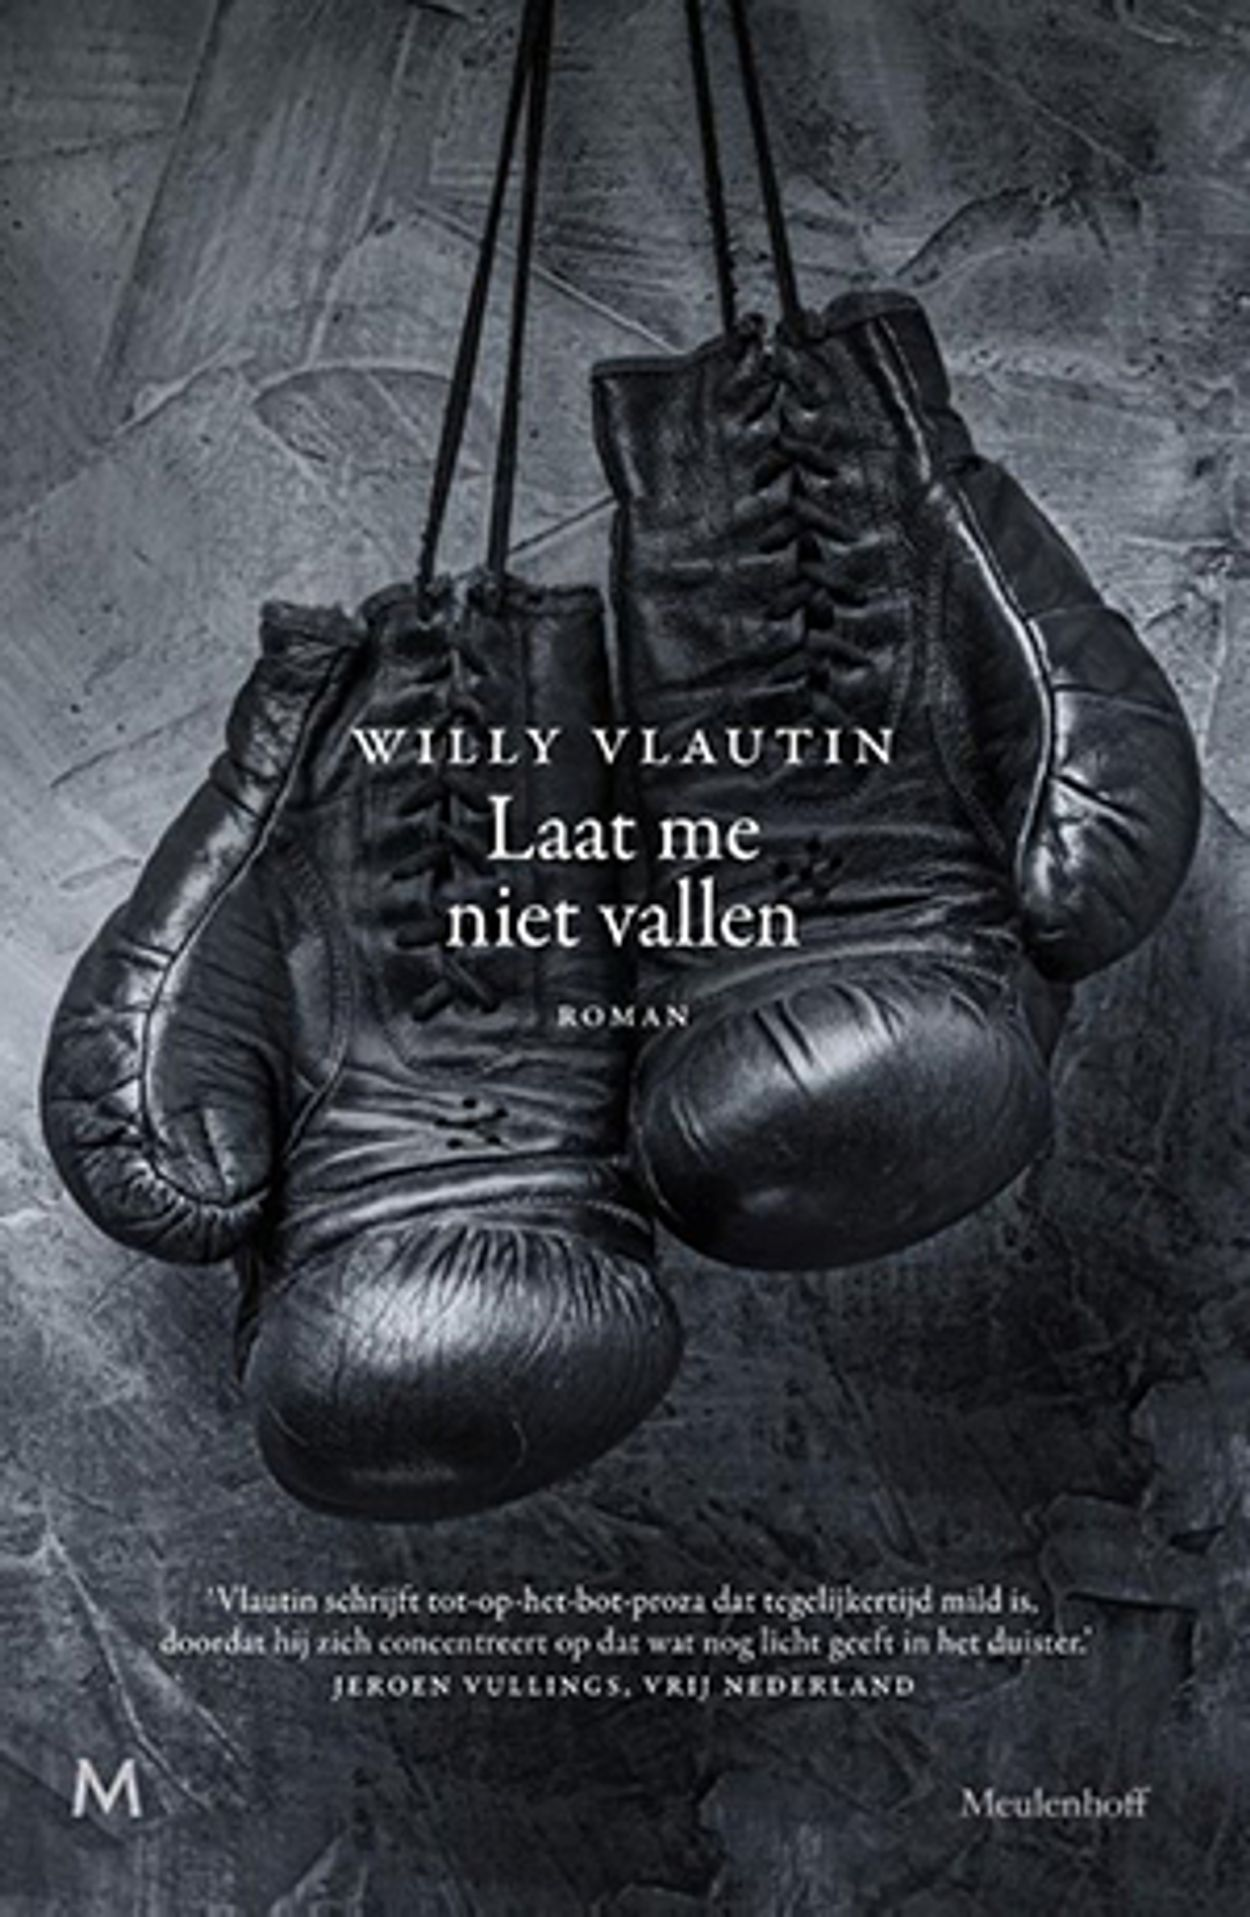 Willy Vlautin - Laat me niet vallen